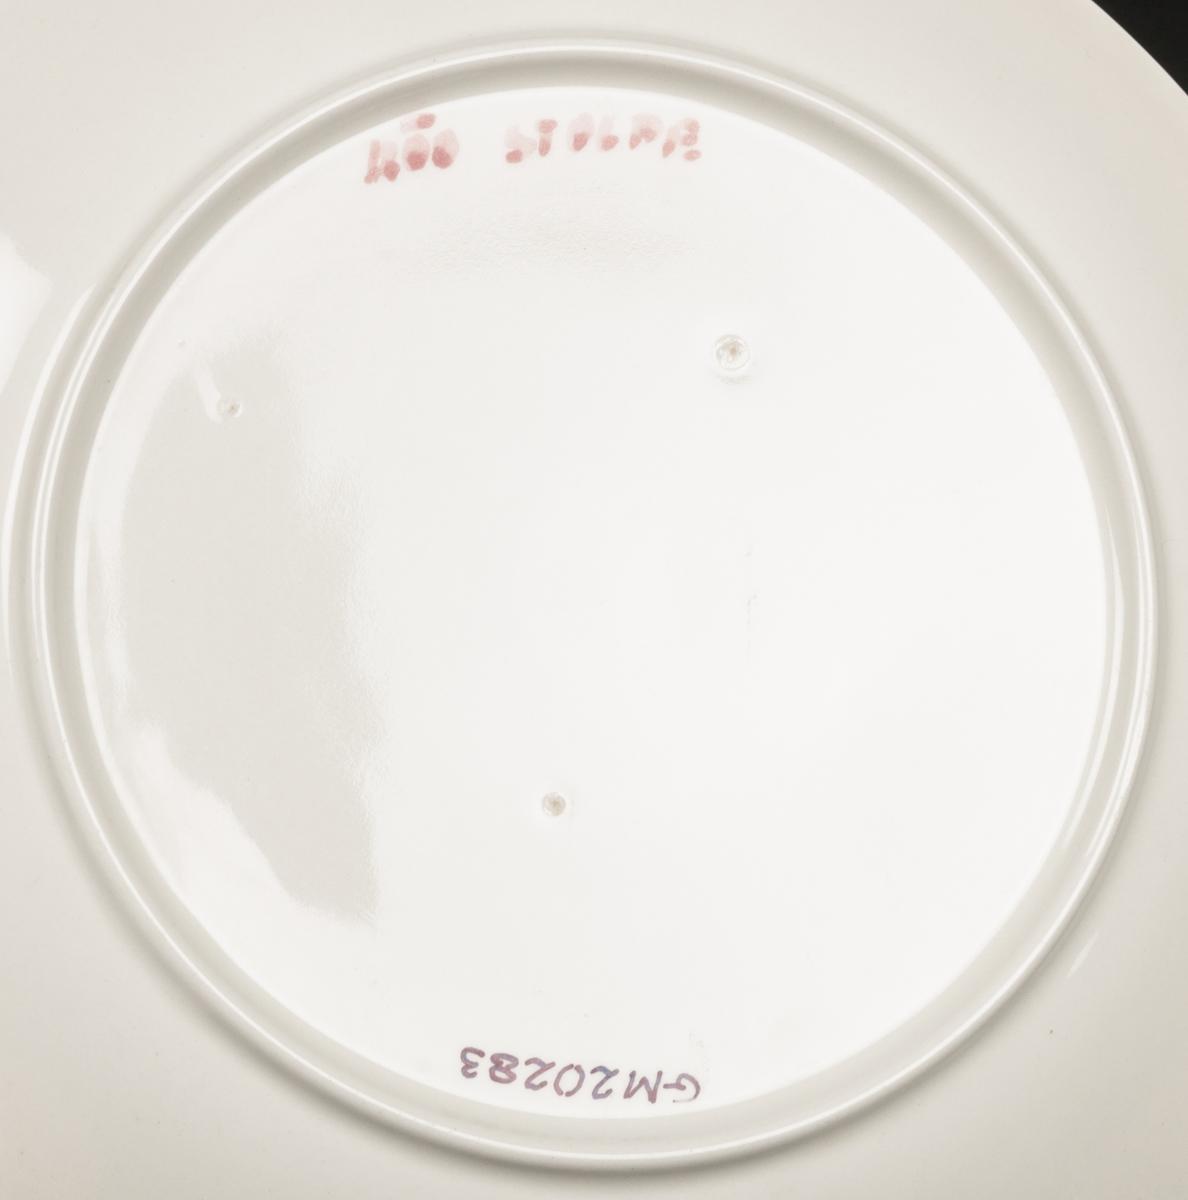 """Tallrik, flat, av flintgods, formgiven av Berit Ternell för Gefle Porslinsfabrik, förmodlig modell -BT. Rund med upp- och utvinklat brätte, keplös. Rund fotring. Dekor """"Poral"""" av Ternell, två handmålade band på brättet, matt blå och röd, över detta svart, spetsig stämpeldekor mot vit glasyrfond. Matt röd text under """"Röd Stolpe""""."""